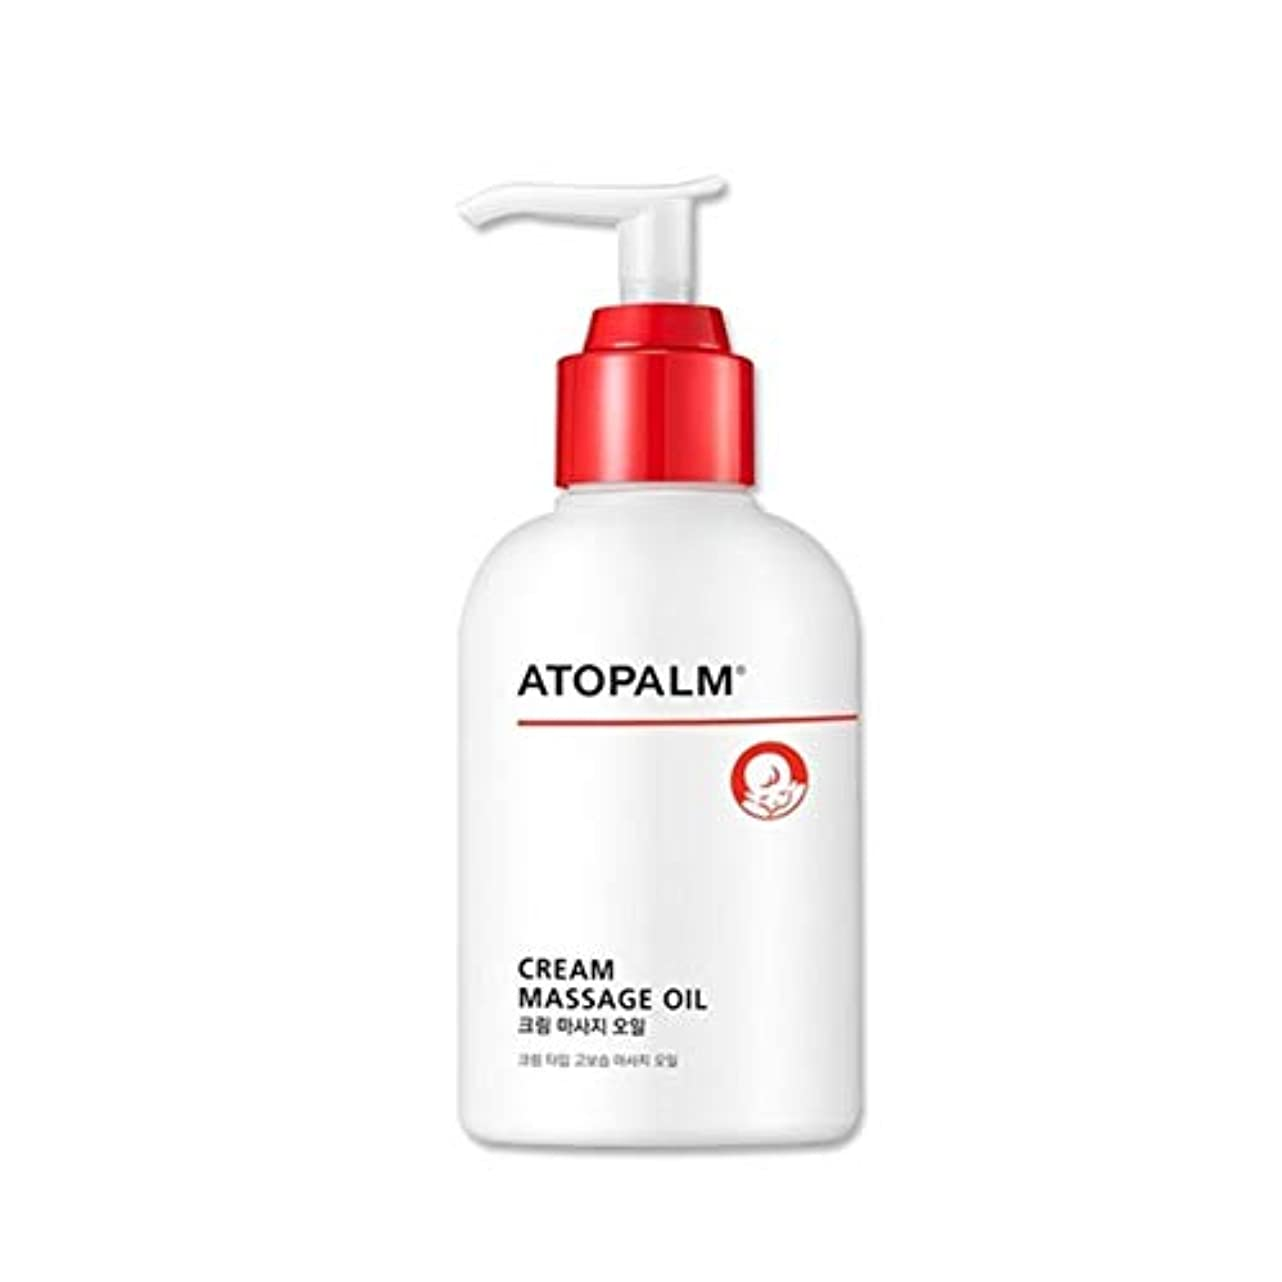 アトパムクリームマッサージオイル200ml韓国コスメ、Atopalm Cream Massage Oil 200ml Korean Cosmetics [並行輸入品]